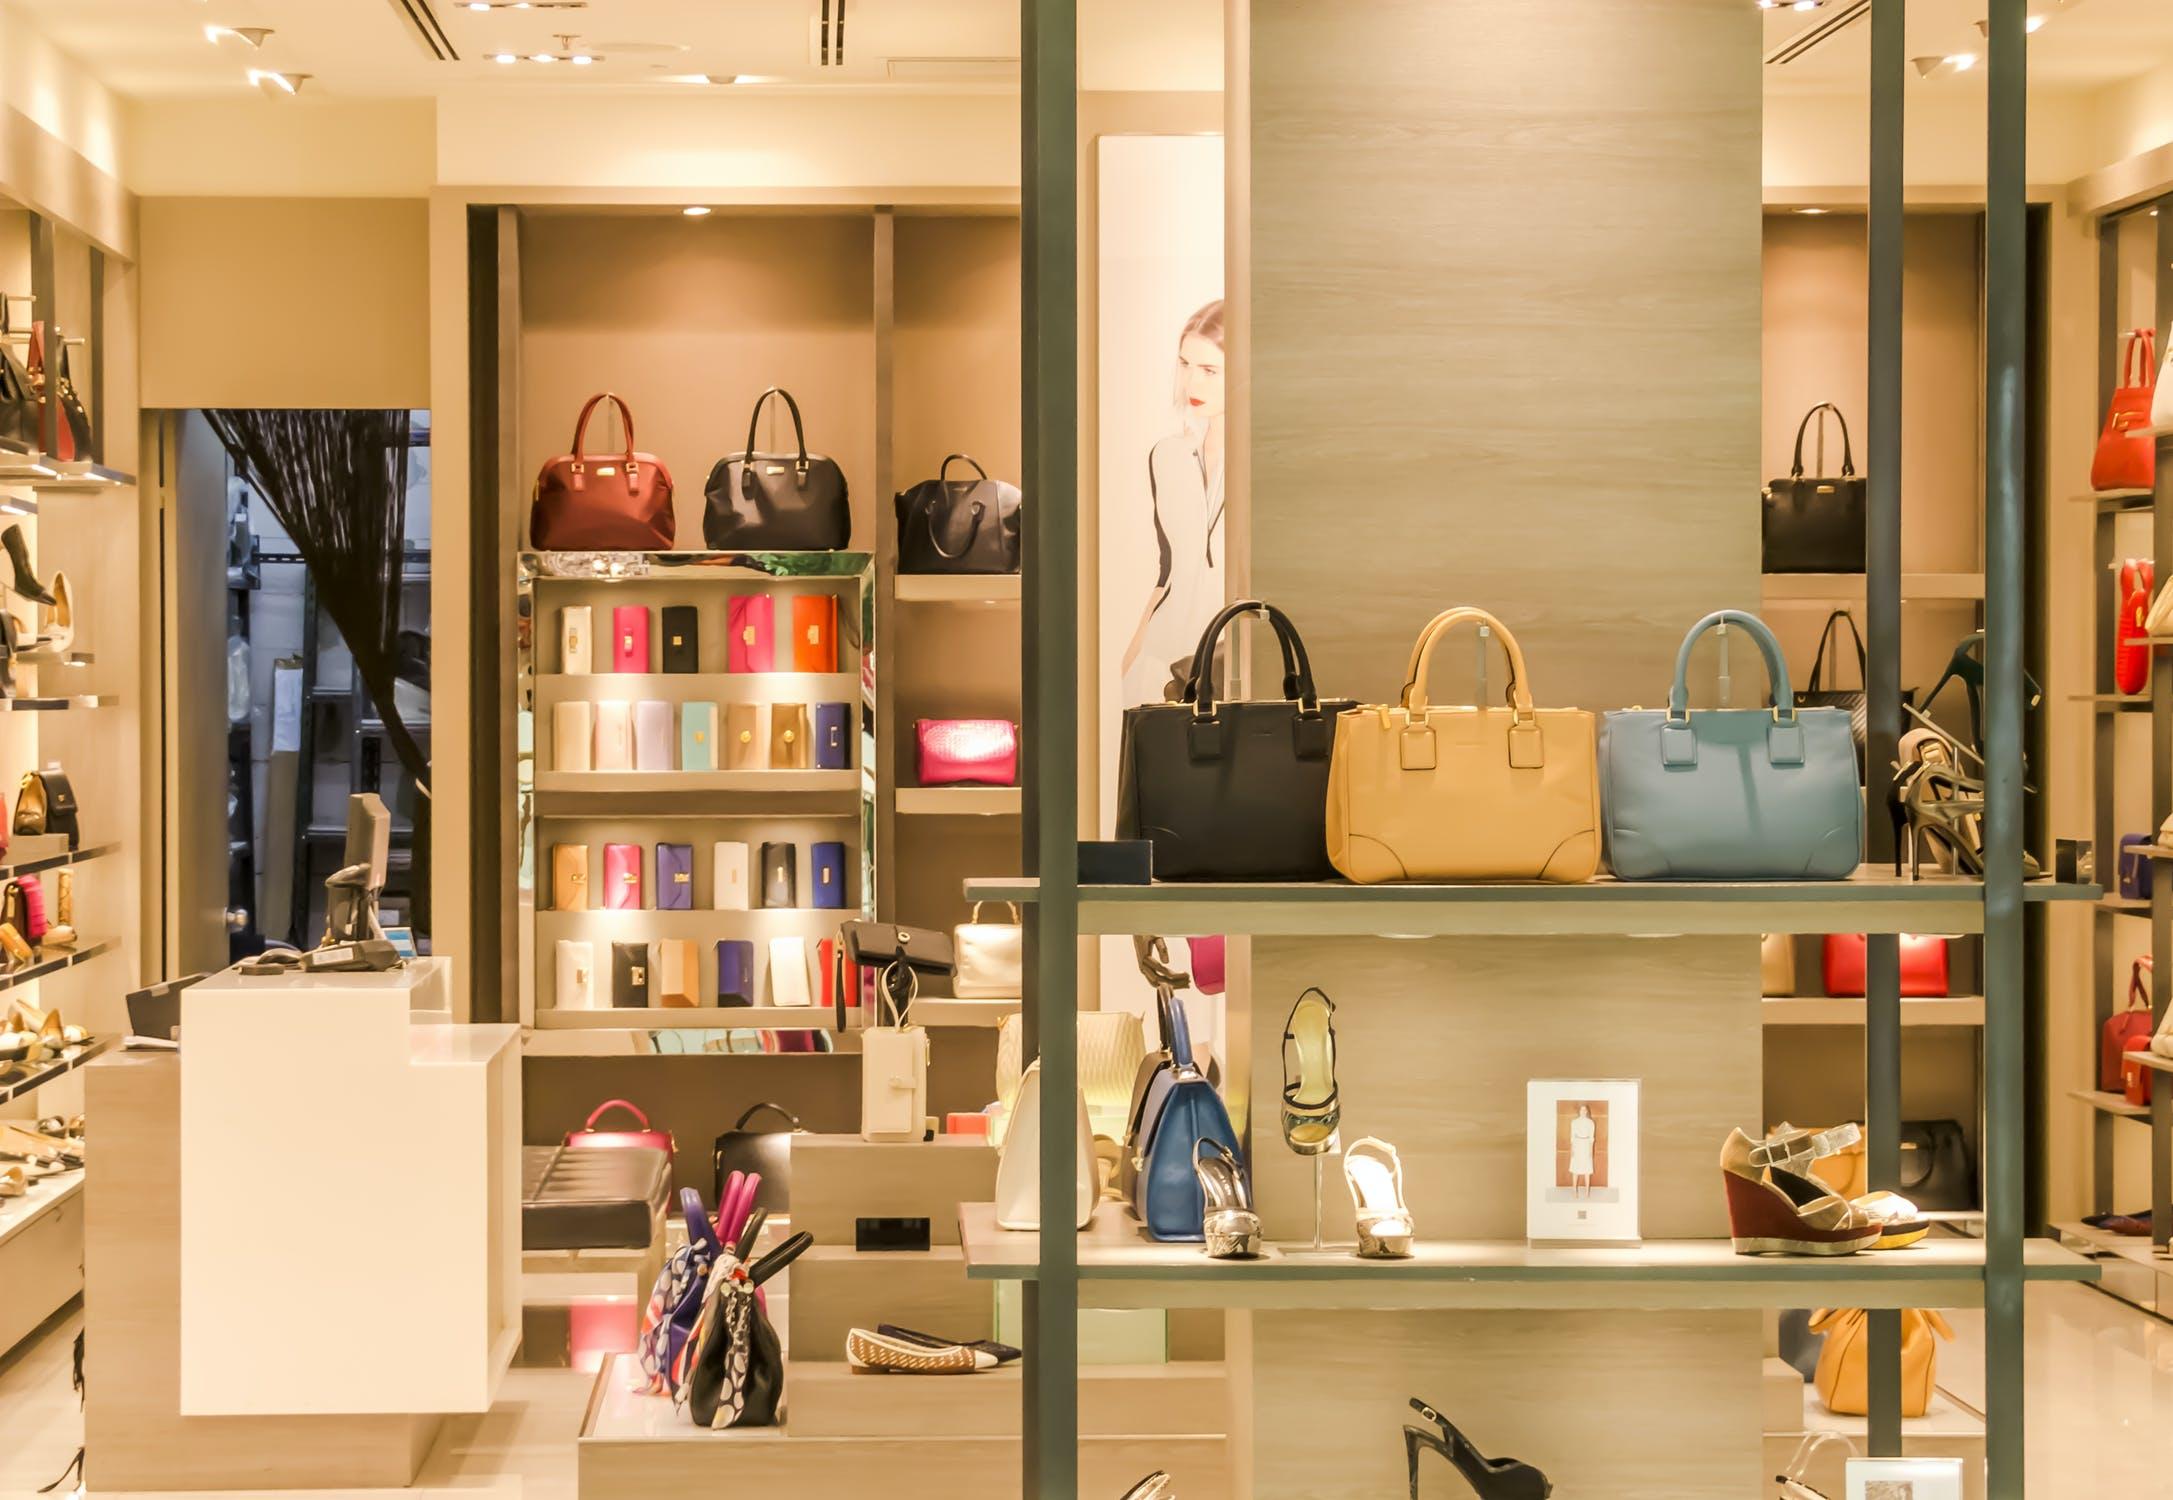 2021意大利顶级奢侈品牌集合店Coltorti Boutique海淘攻略+转运教程(直邮+支付宝+优惠码+8%返利)